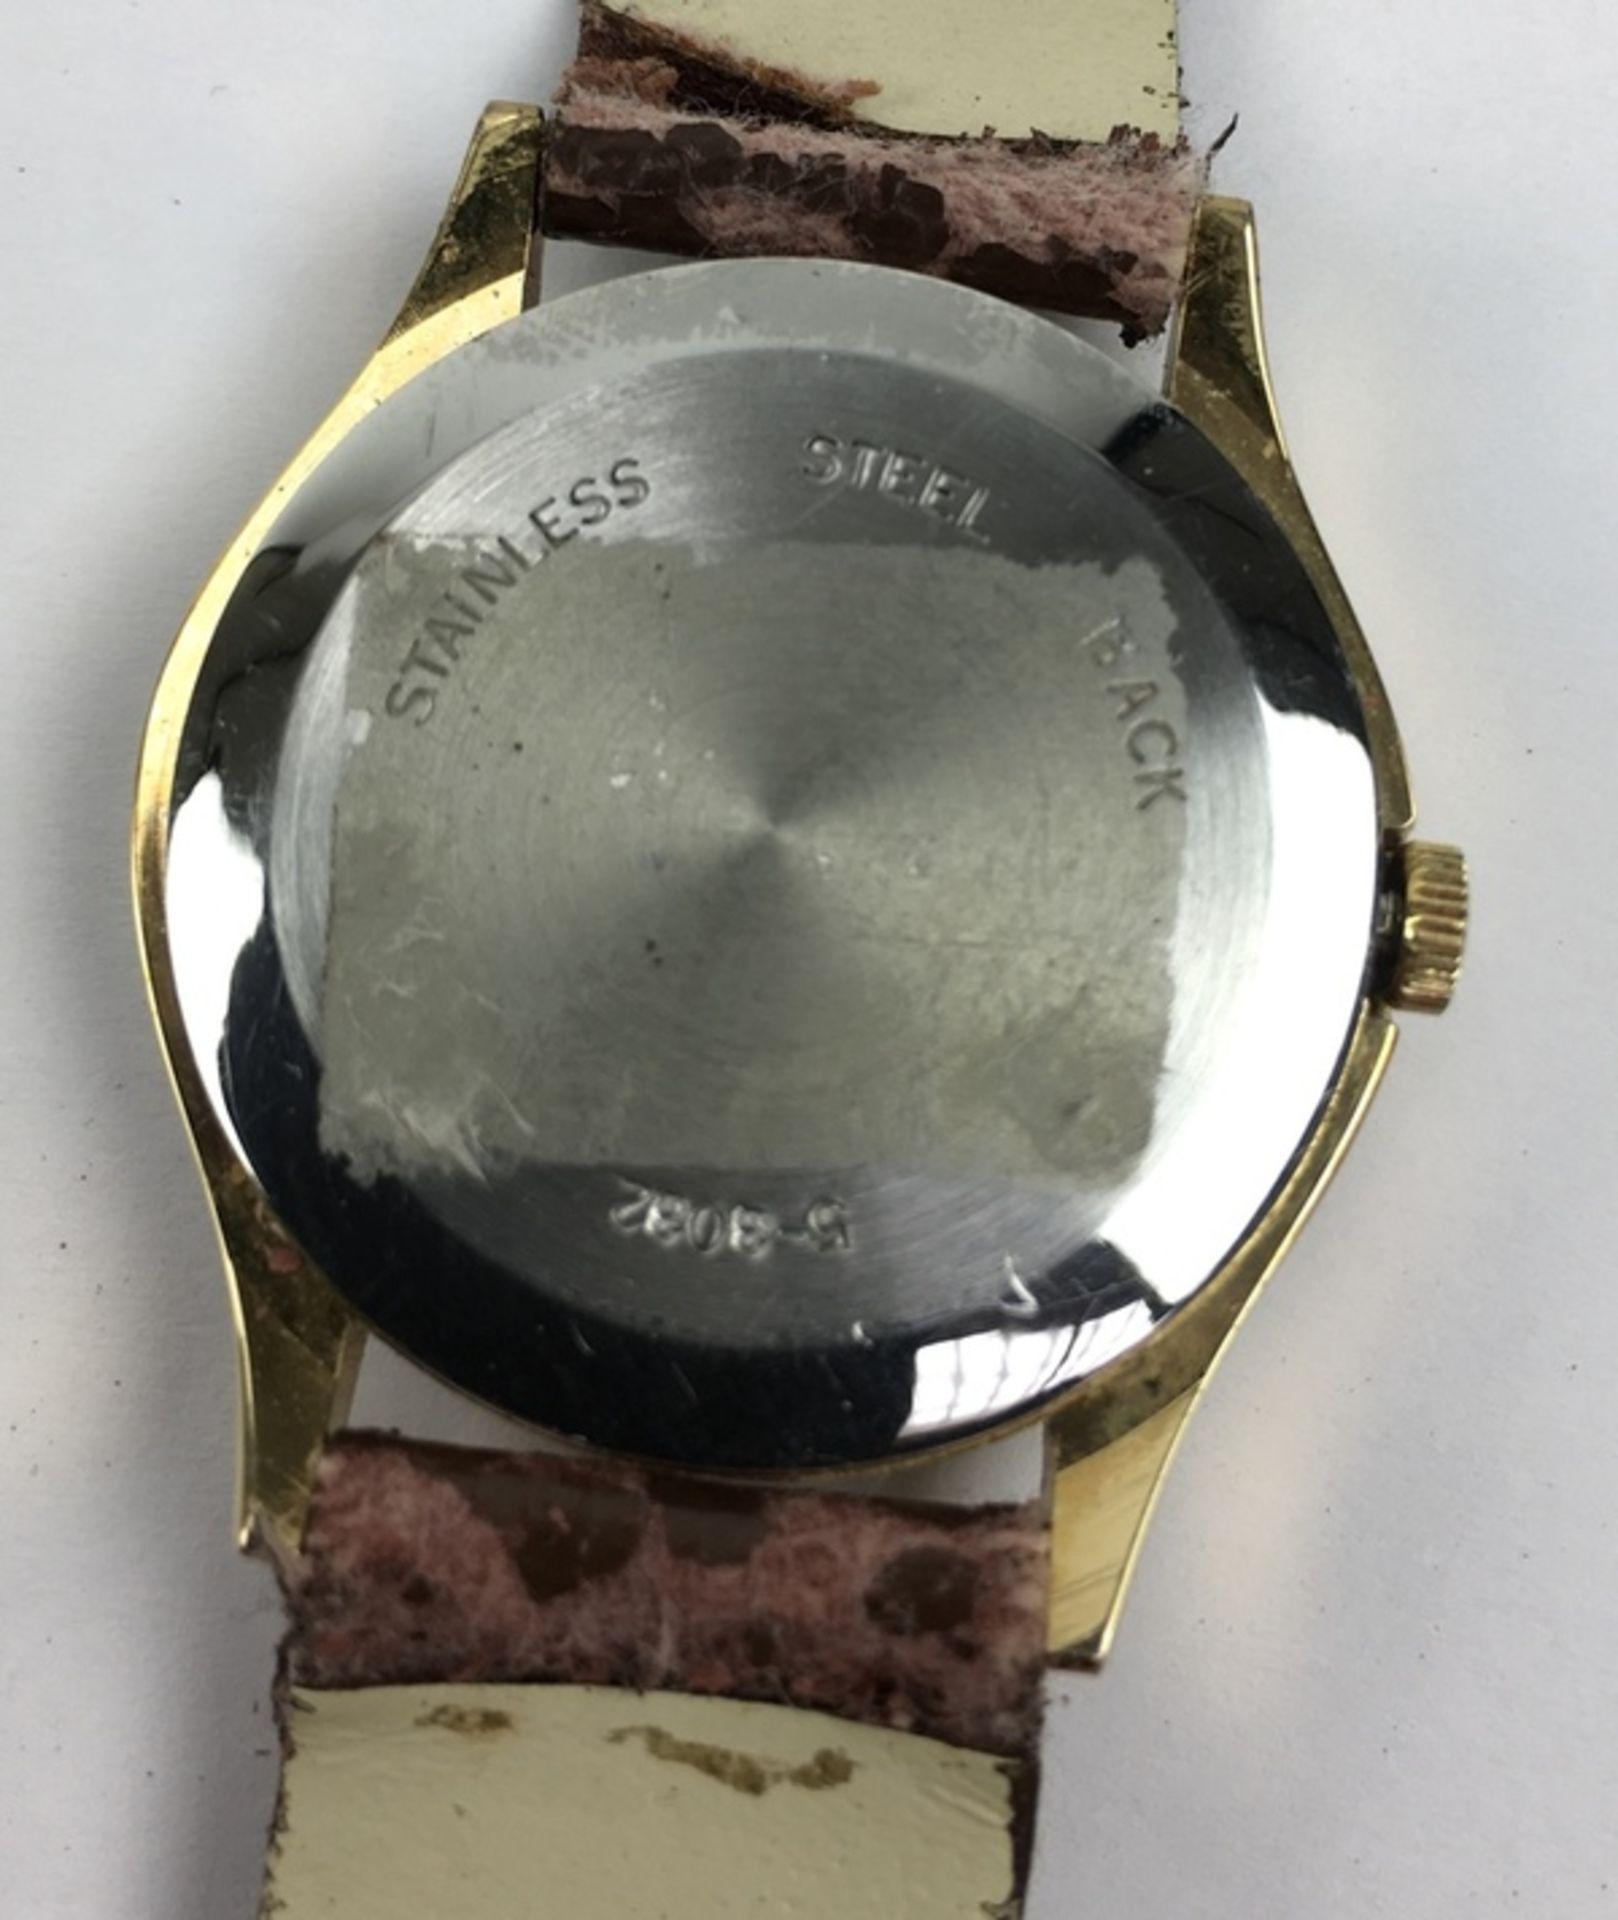 (Sieraden) HorlogesDrie verschillende merken horloges. Conditie: Gebruikssporen, niet getest. A - Image 7 of 7